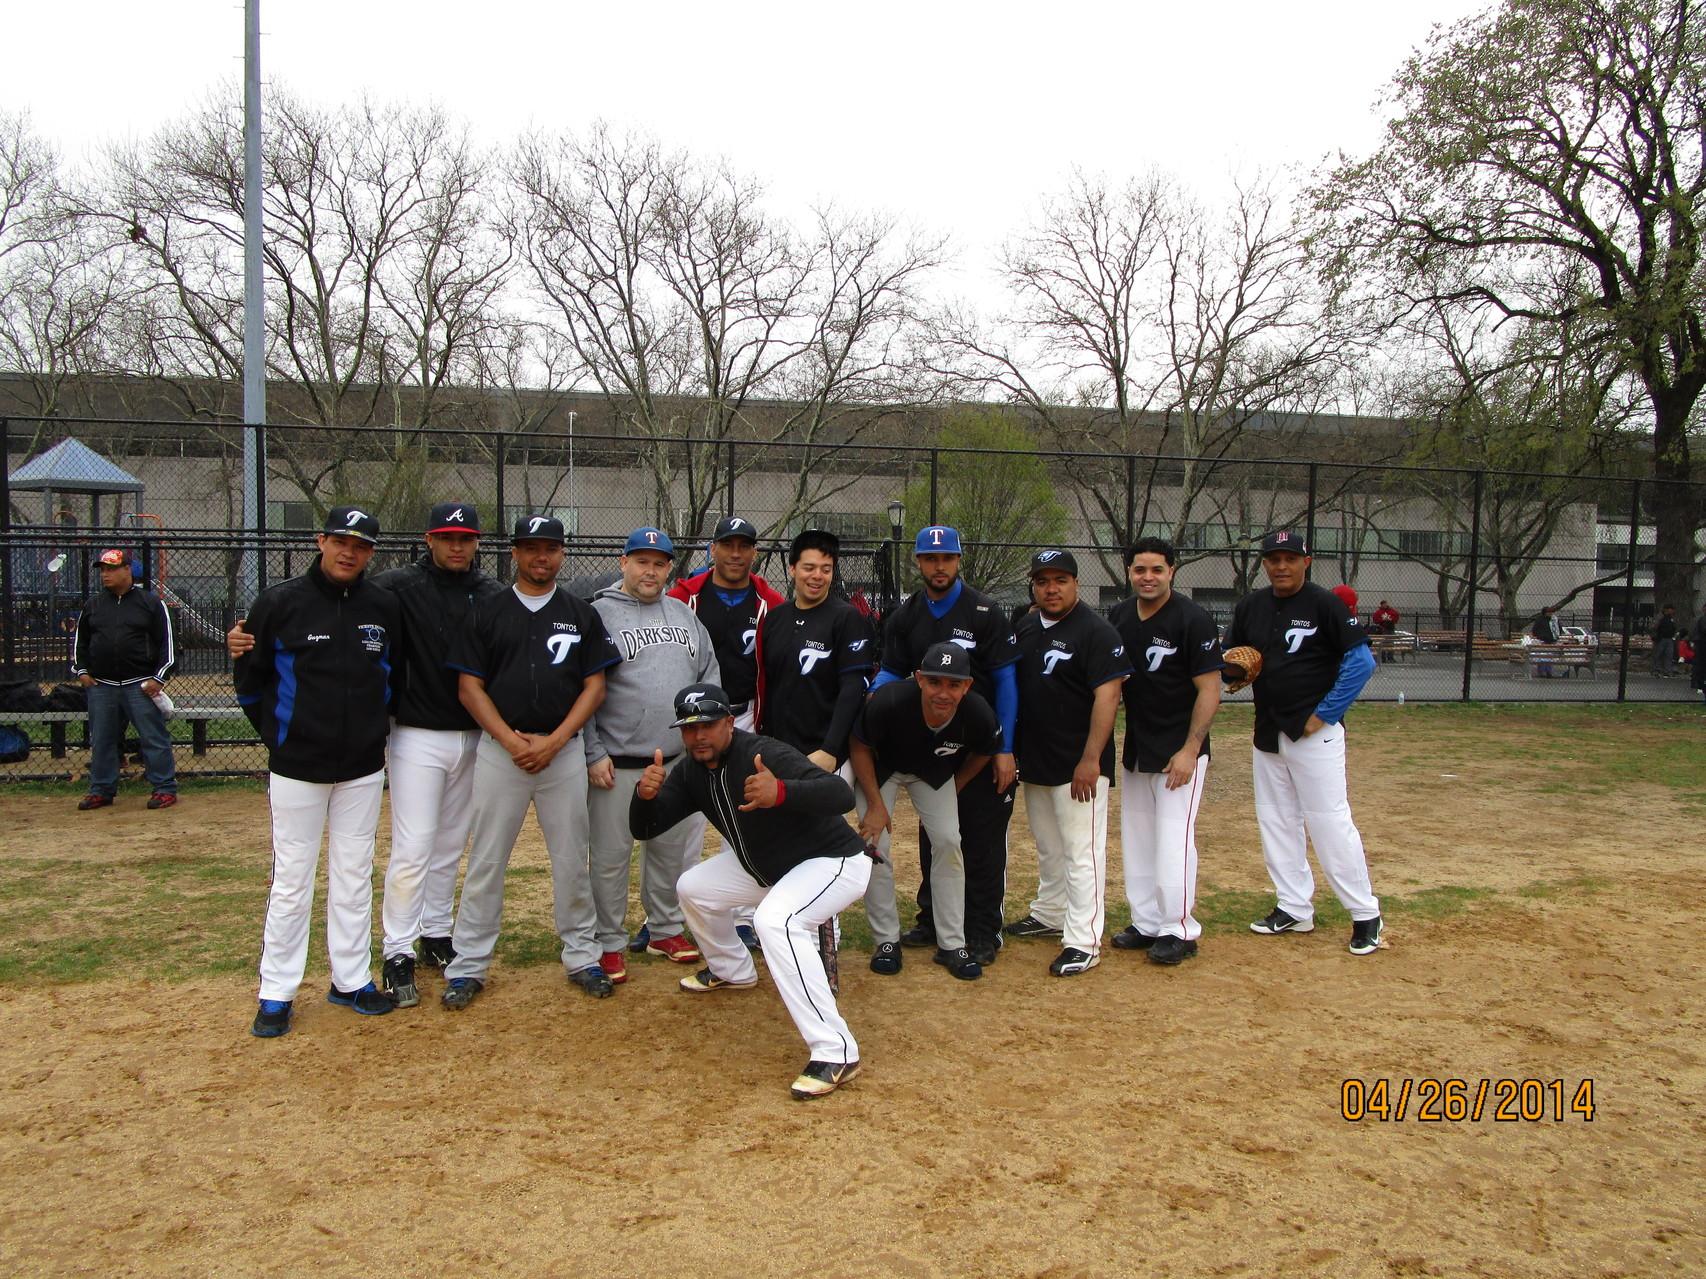 Los Tontos, 2014.  www.livinfante.com